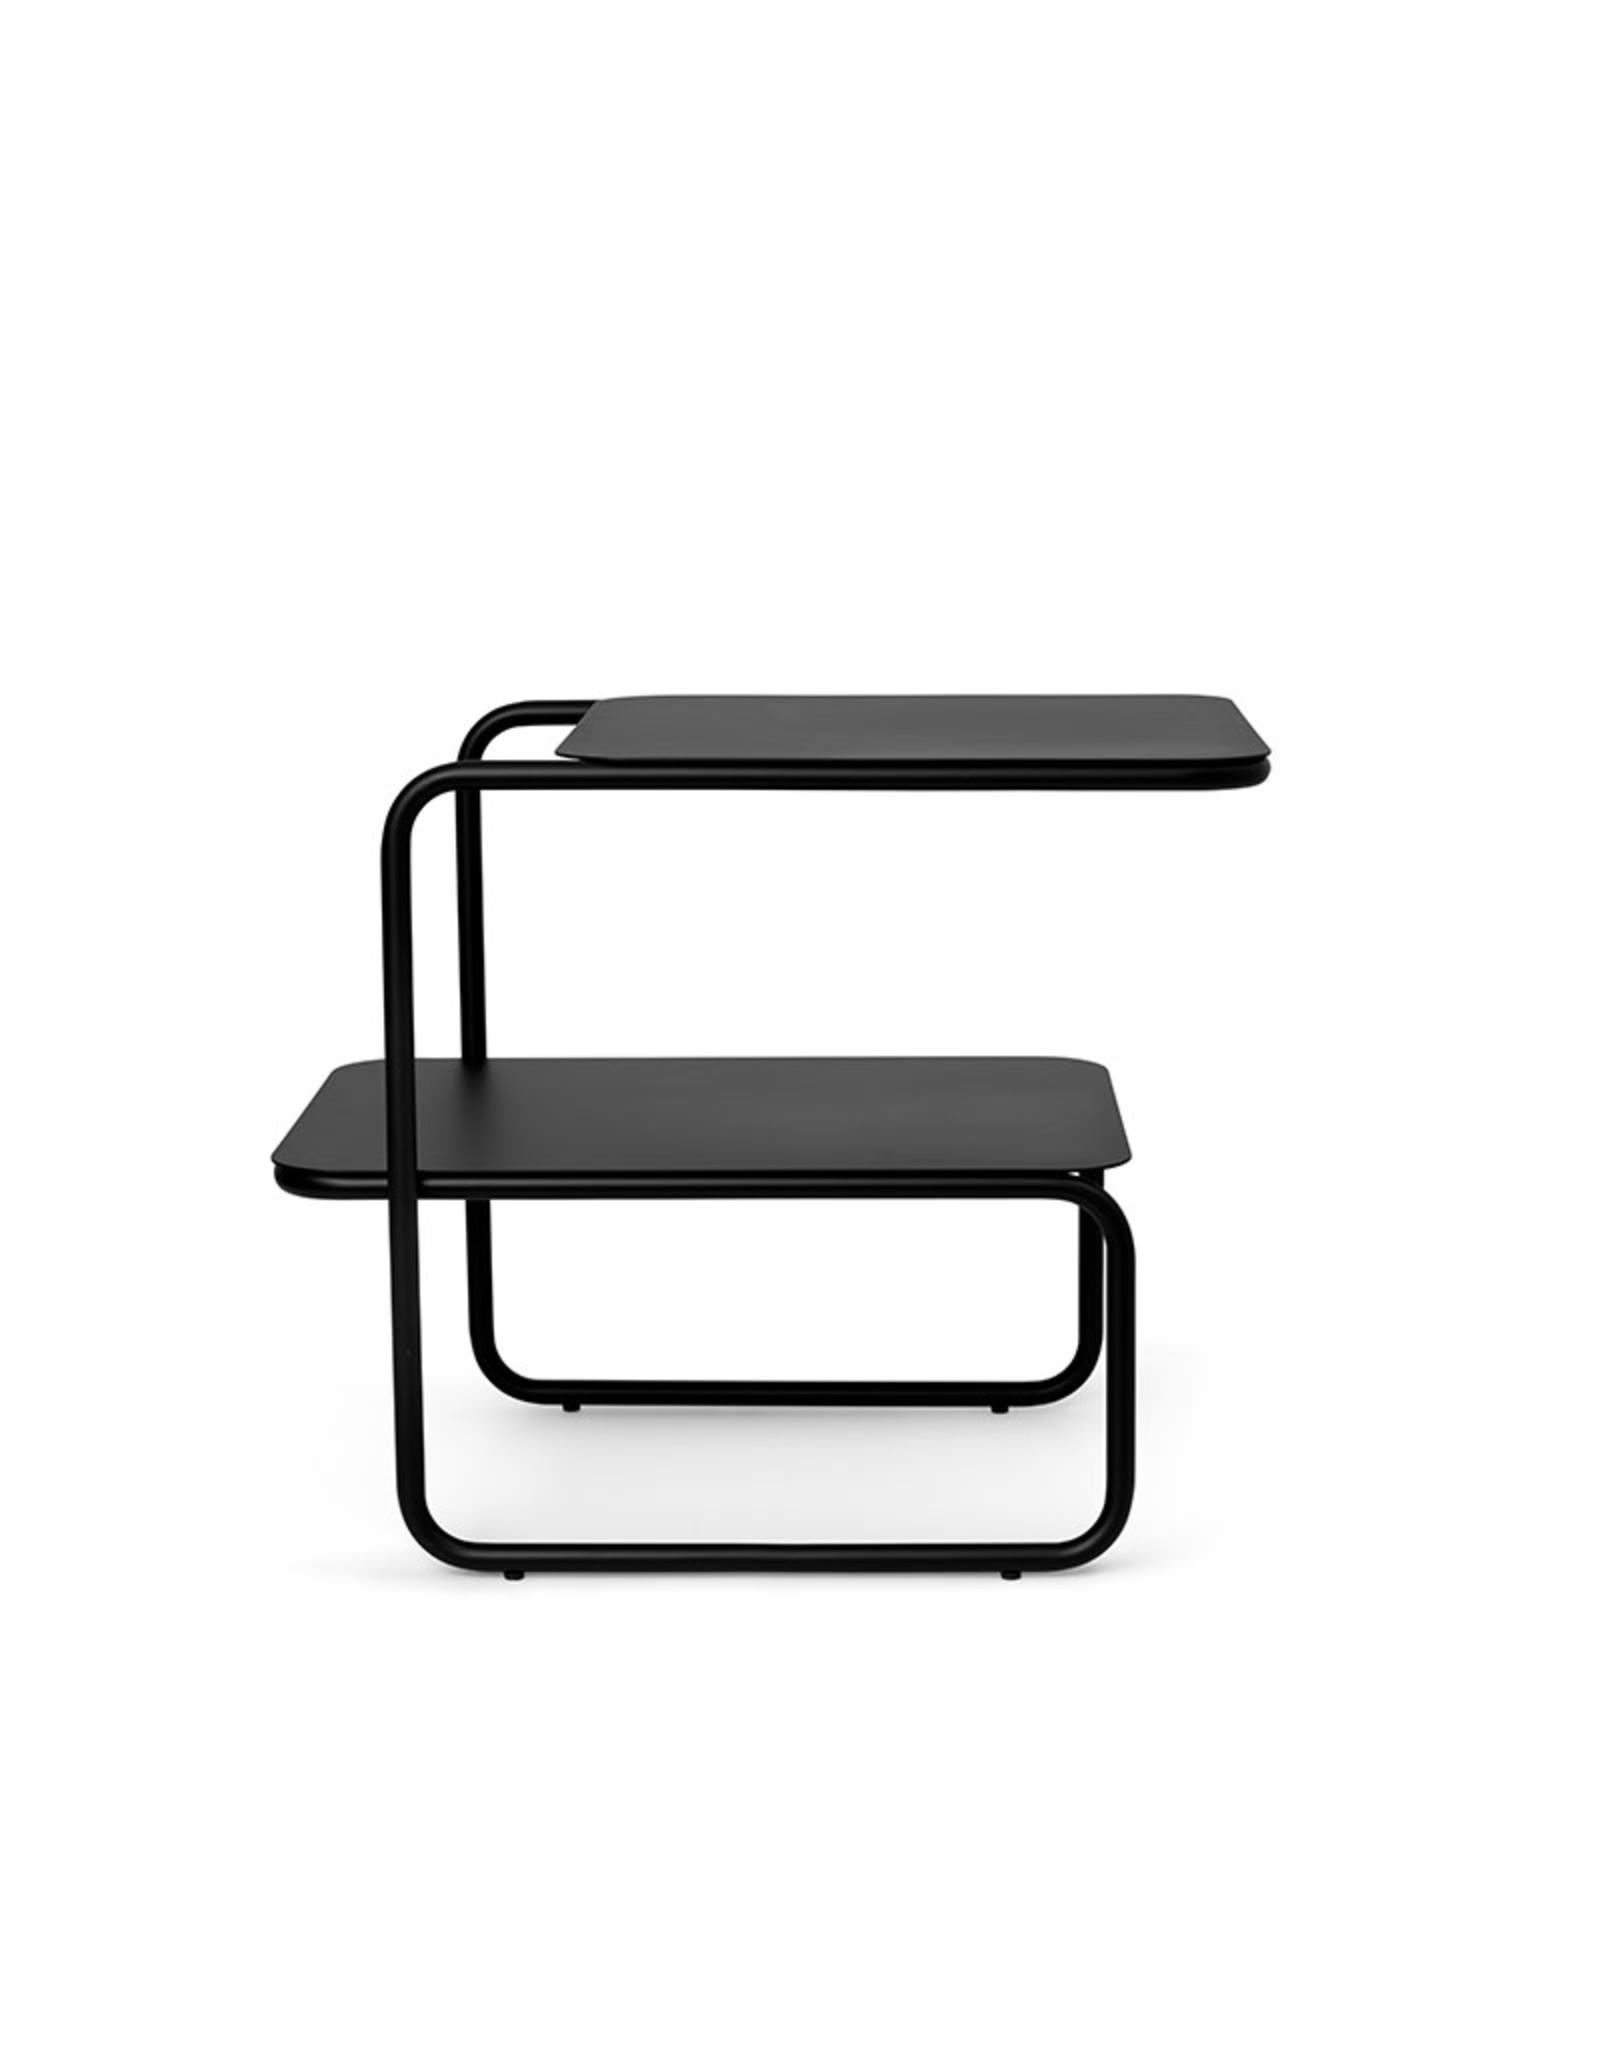 FERM LIVING FERM LIVING Level Side Table Black